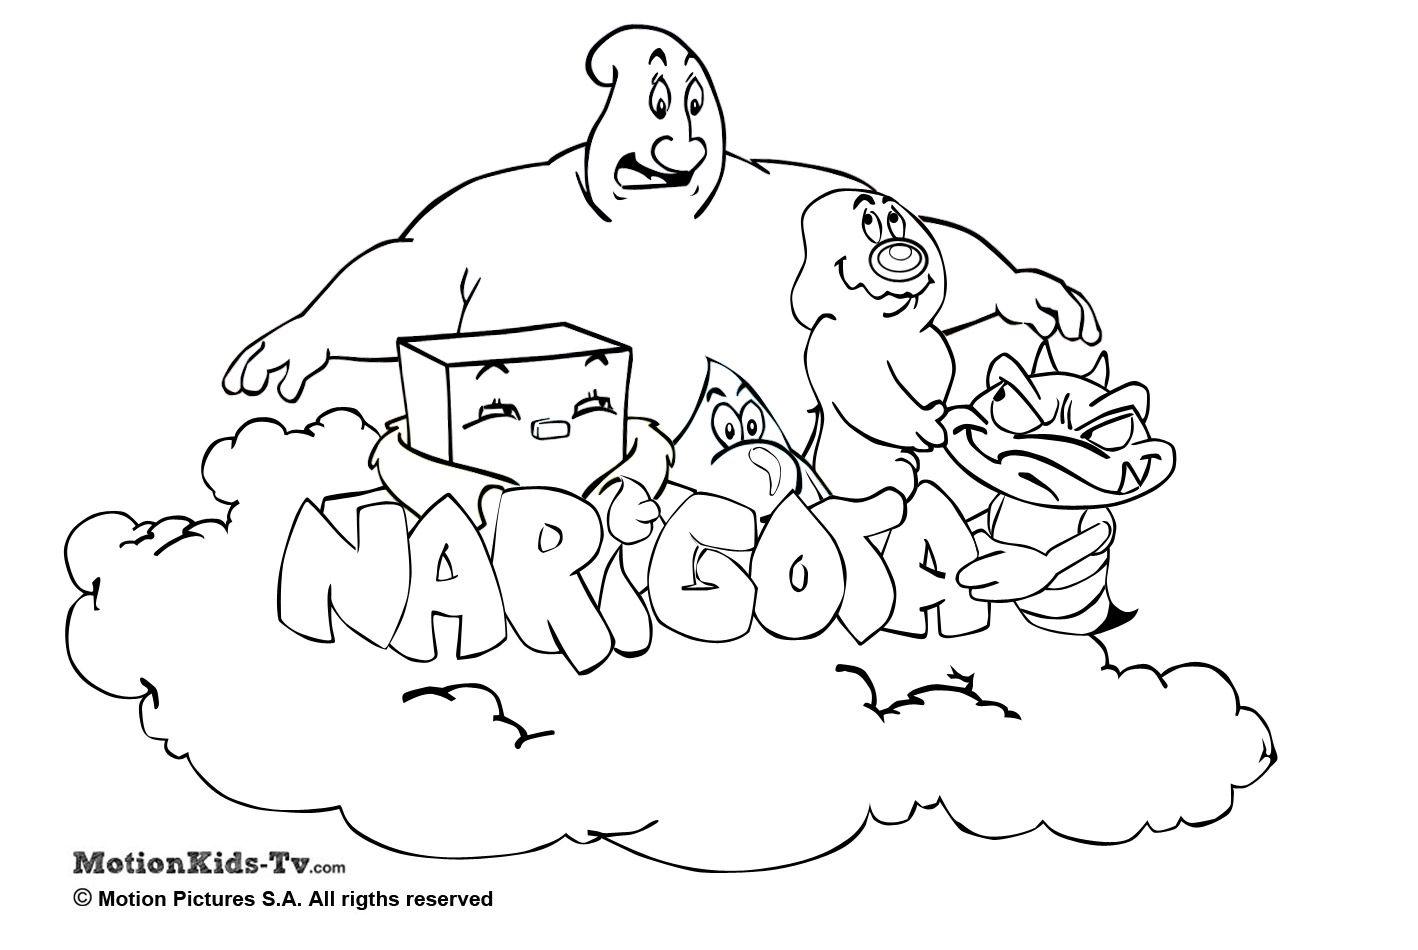 Caricaturas De Niños Para Colorear: Pintas Narigota, Descargar Dibujos Colorear Dibujos